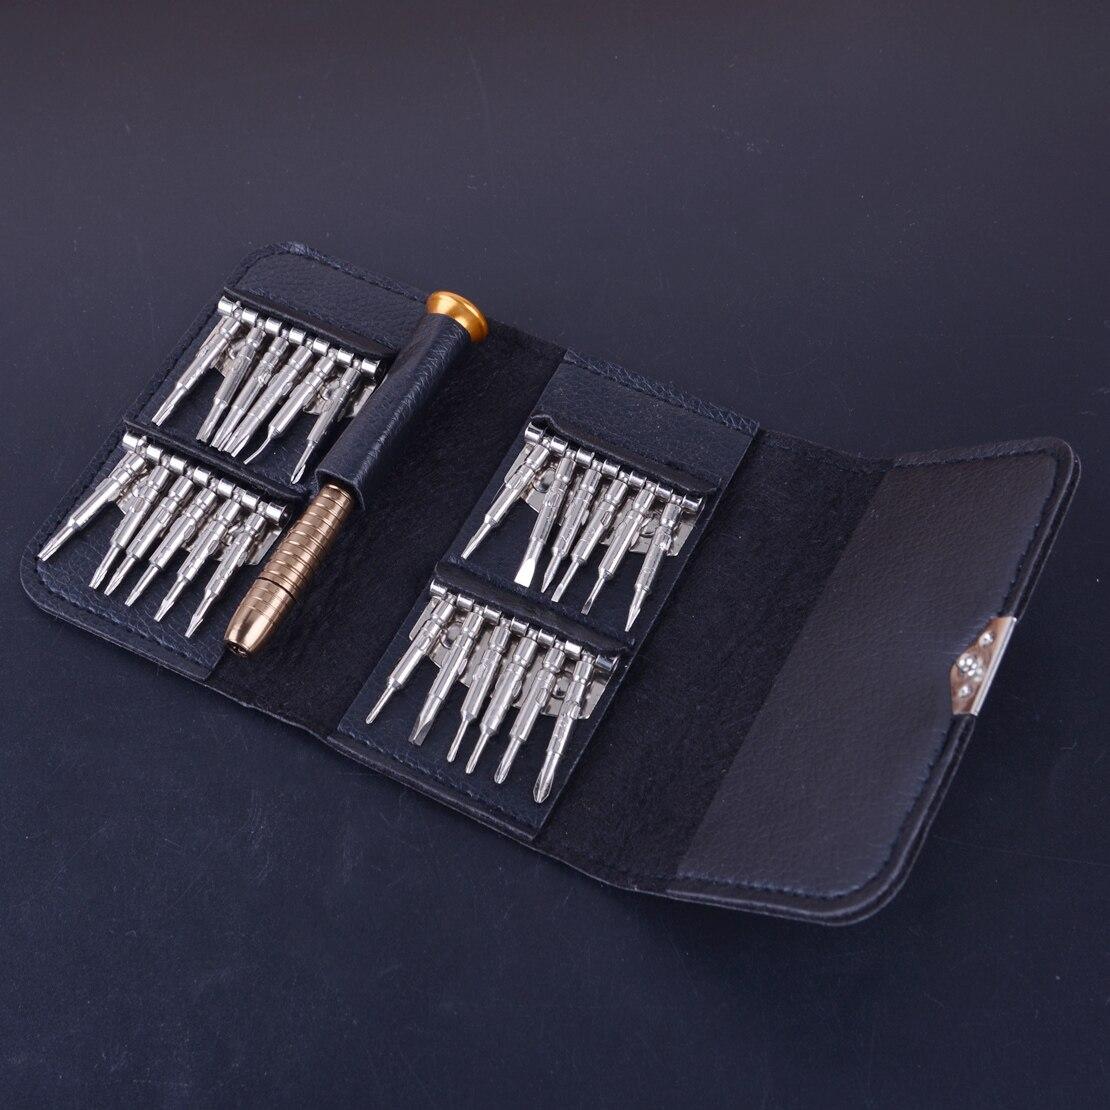 25 in 1 45# Steel Screwdriver Mini Repair Precision Tools Kit Set Bag fit for DJI Mavic Pro Phantom Spark